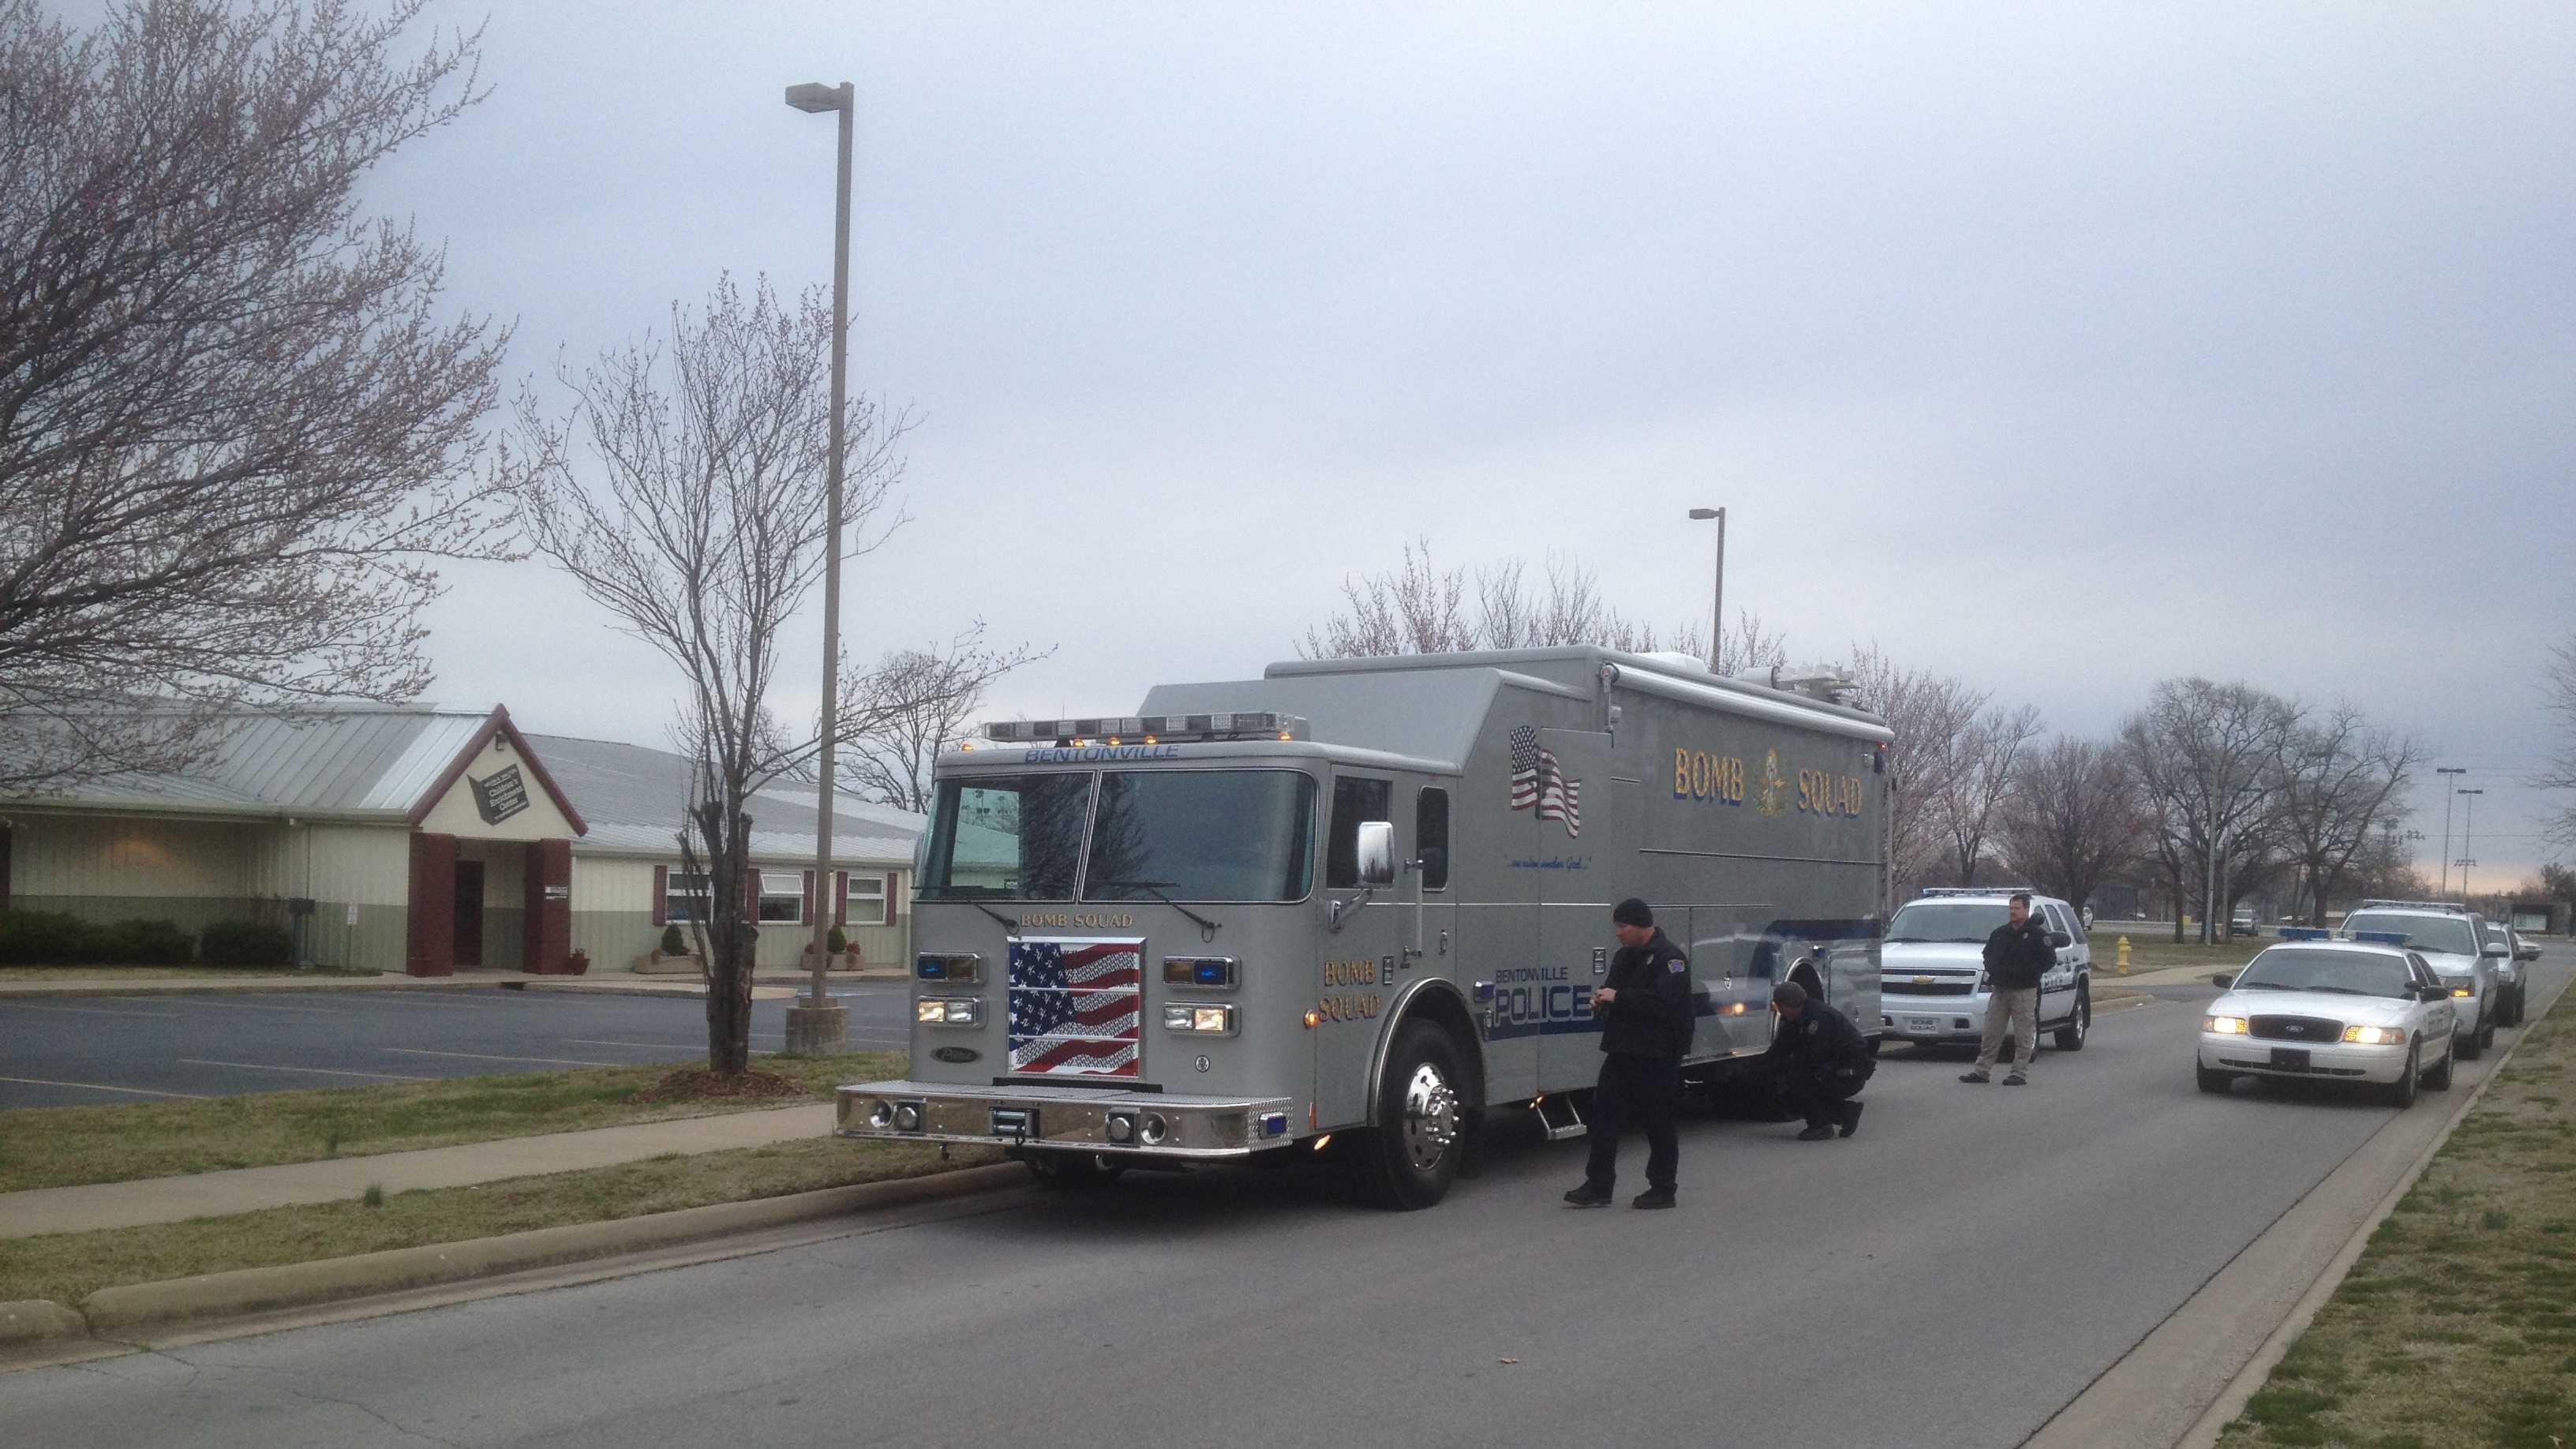 Bomb squad at childrens center.JPG